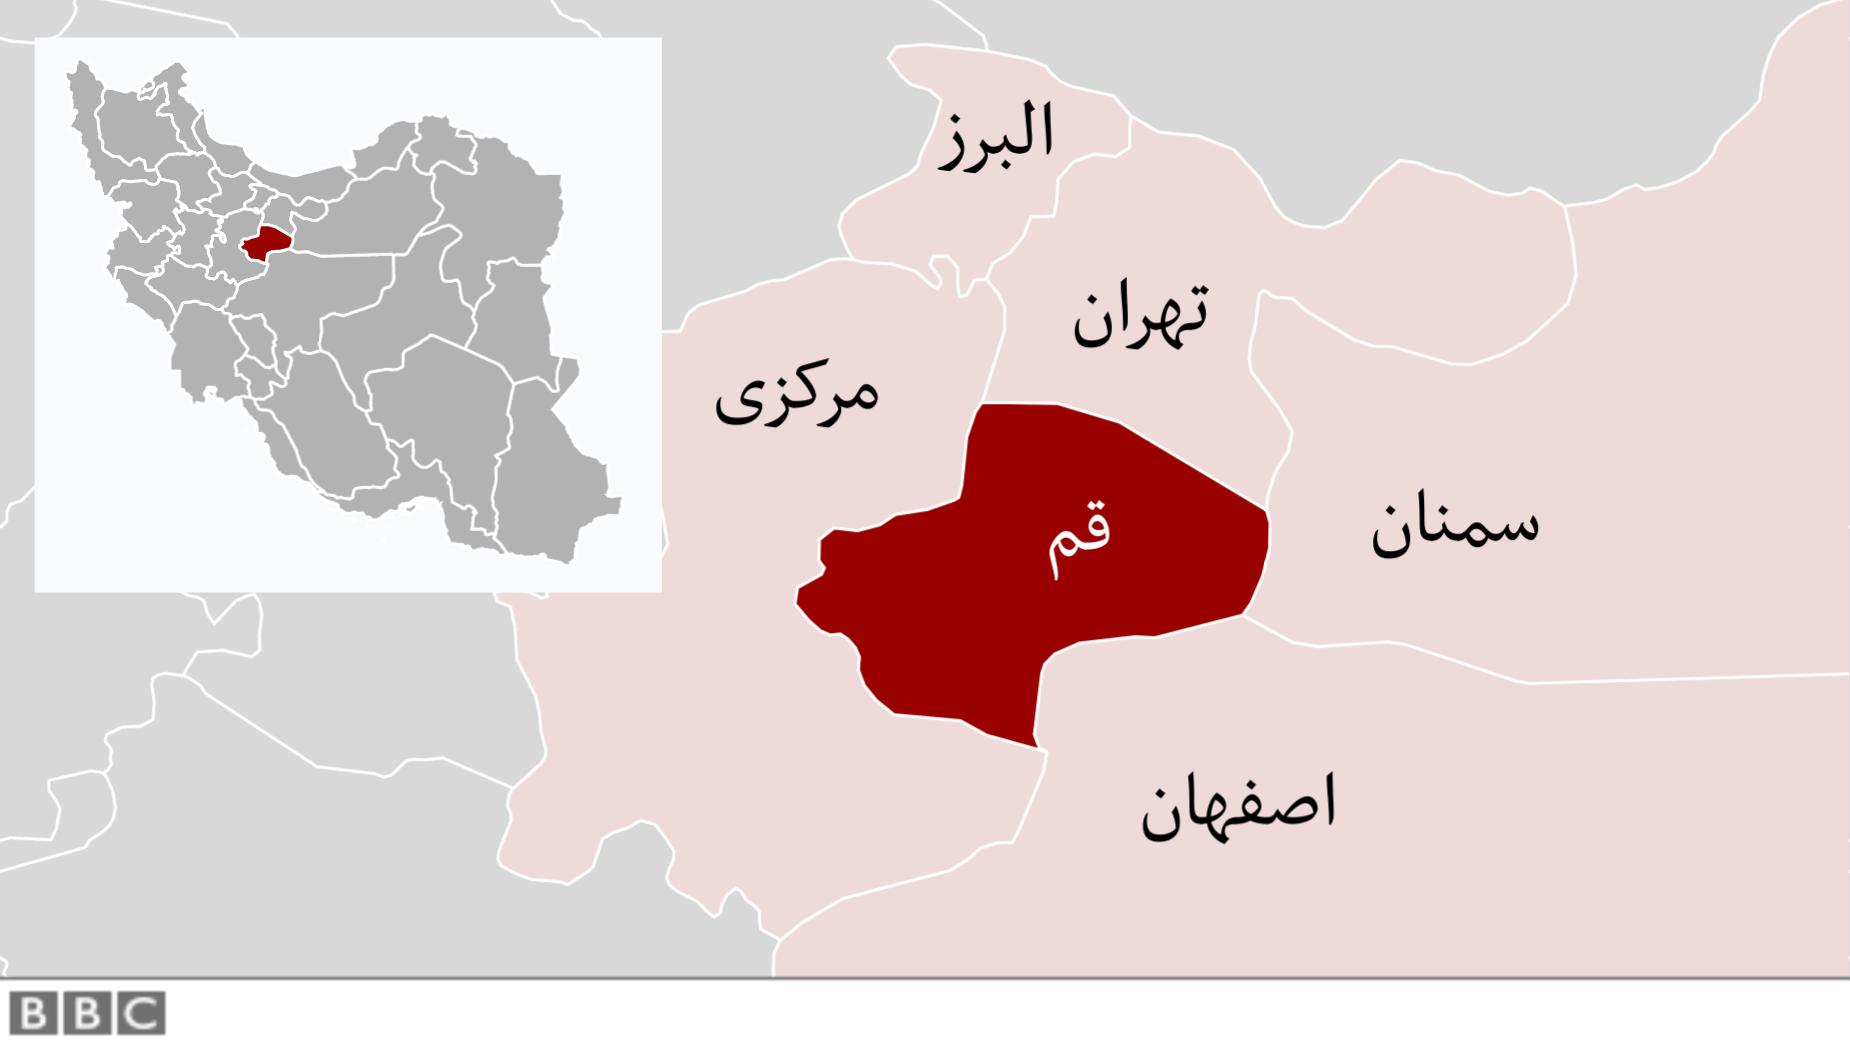 نقشه قم